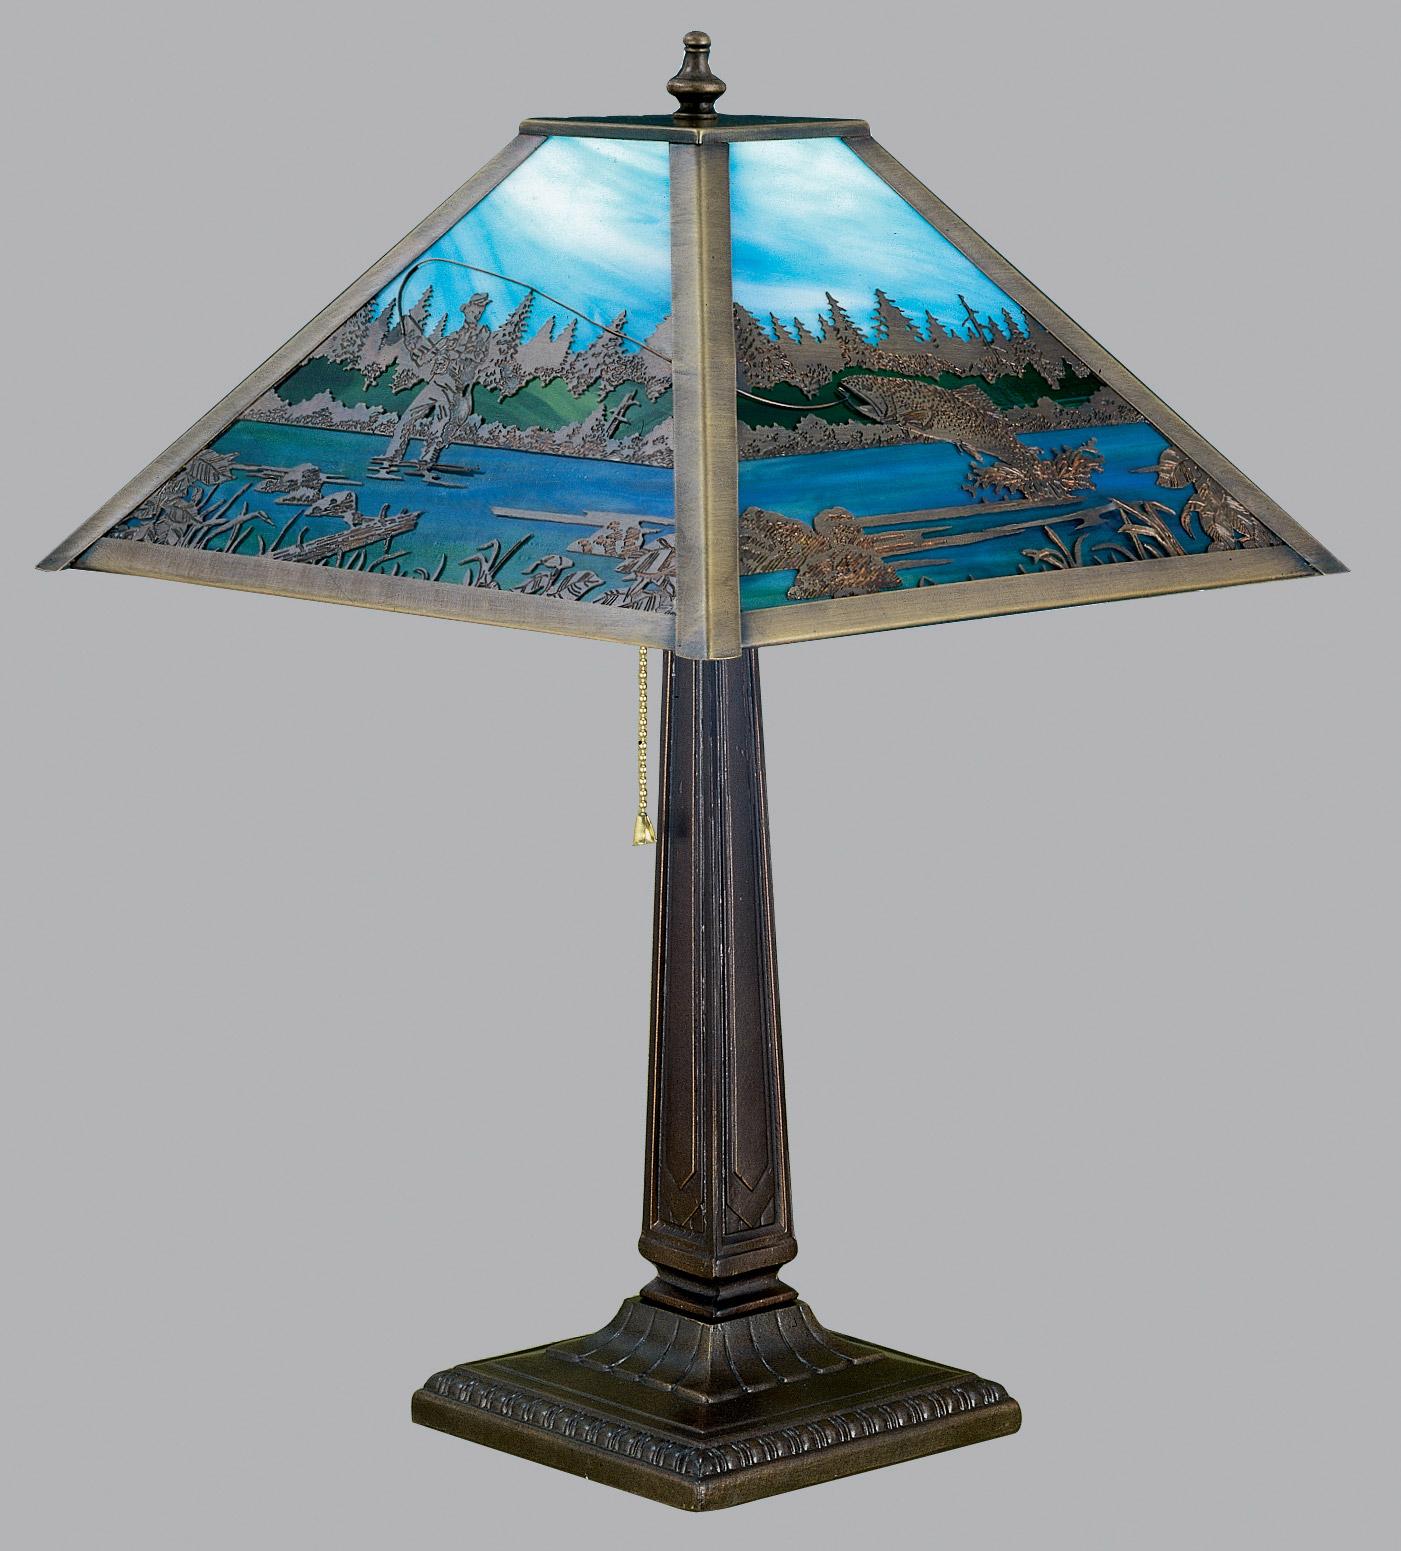 Meyda 26760 Fly Fishing Creek Table Lamp